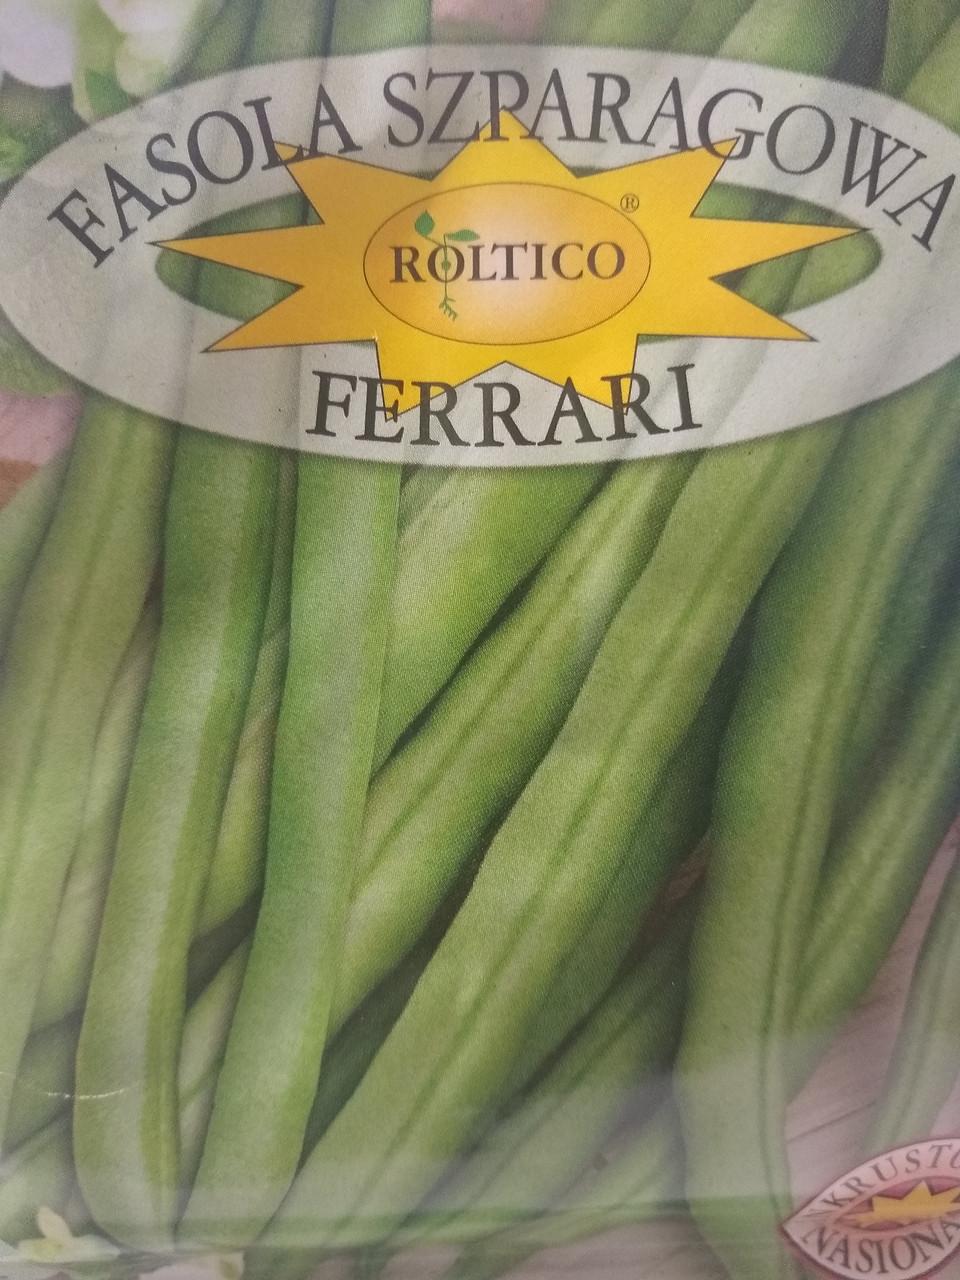 Семена фасоли спаржевой зеленой сорт Феррари 40 грамм низкорослая среднеранняя Roltico Польша